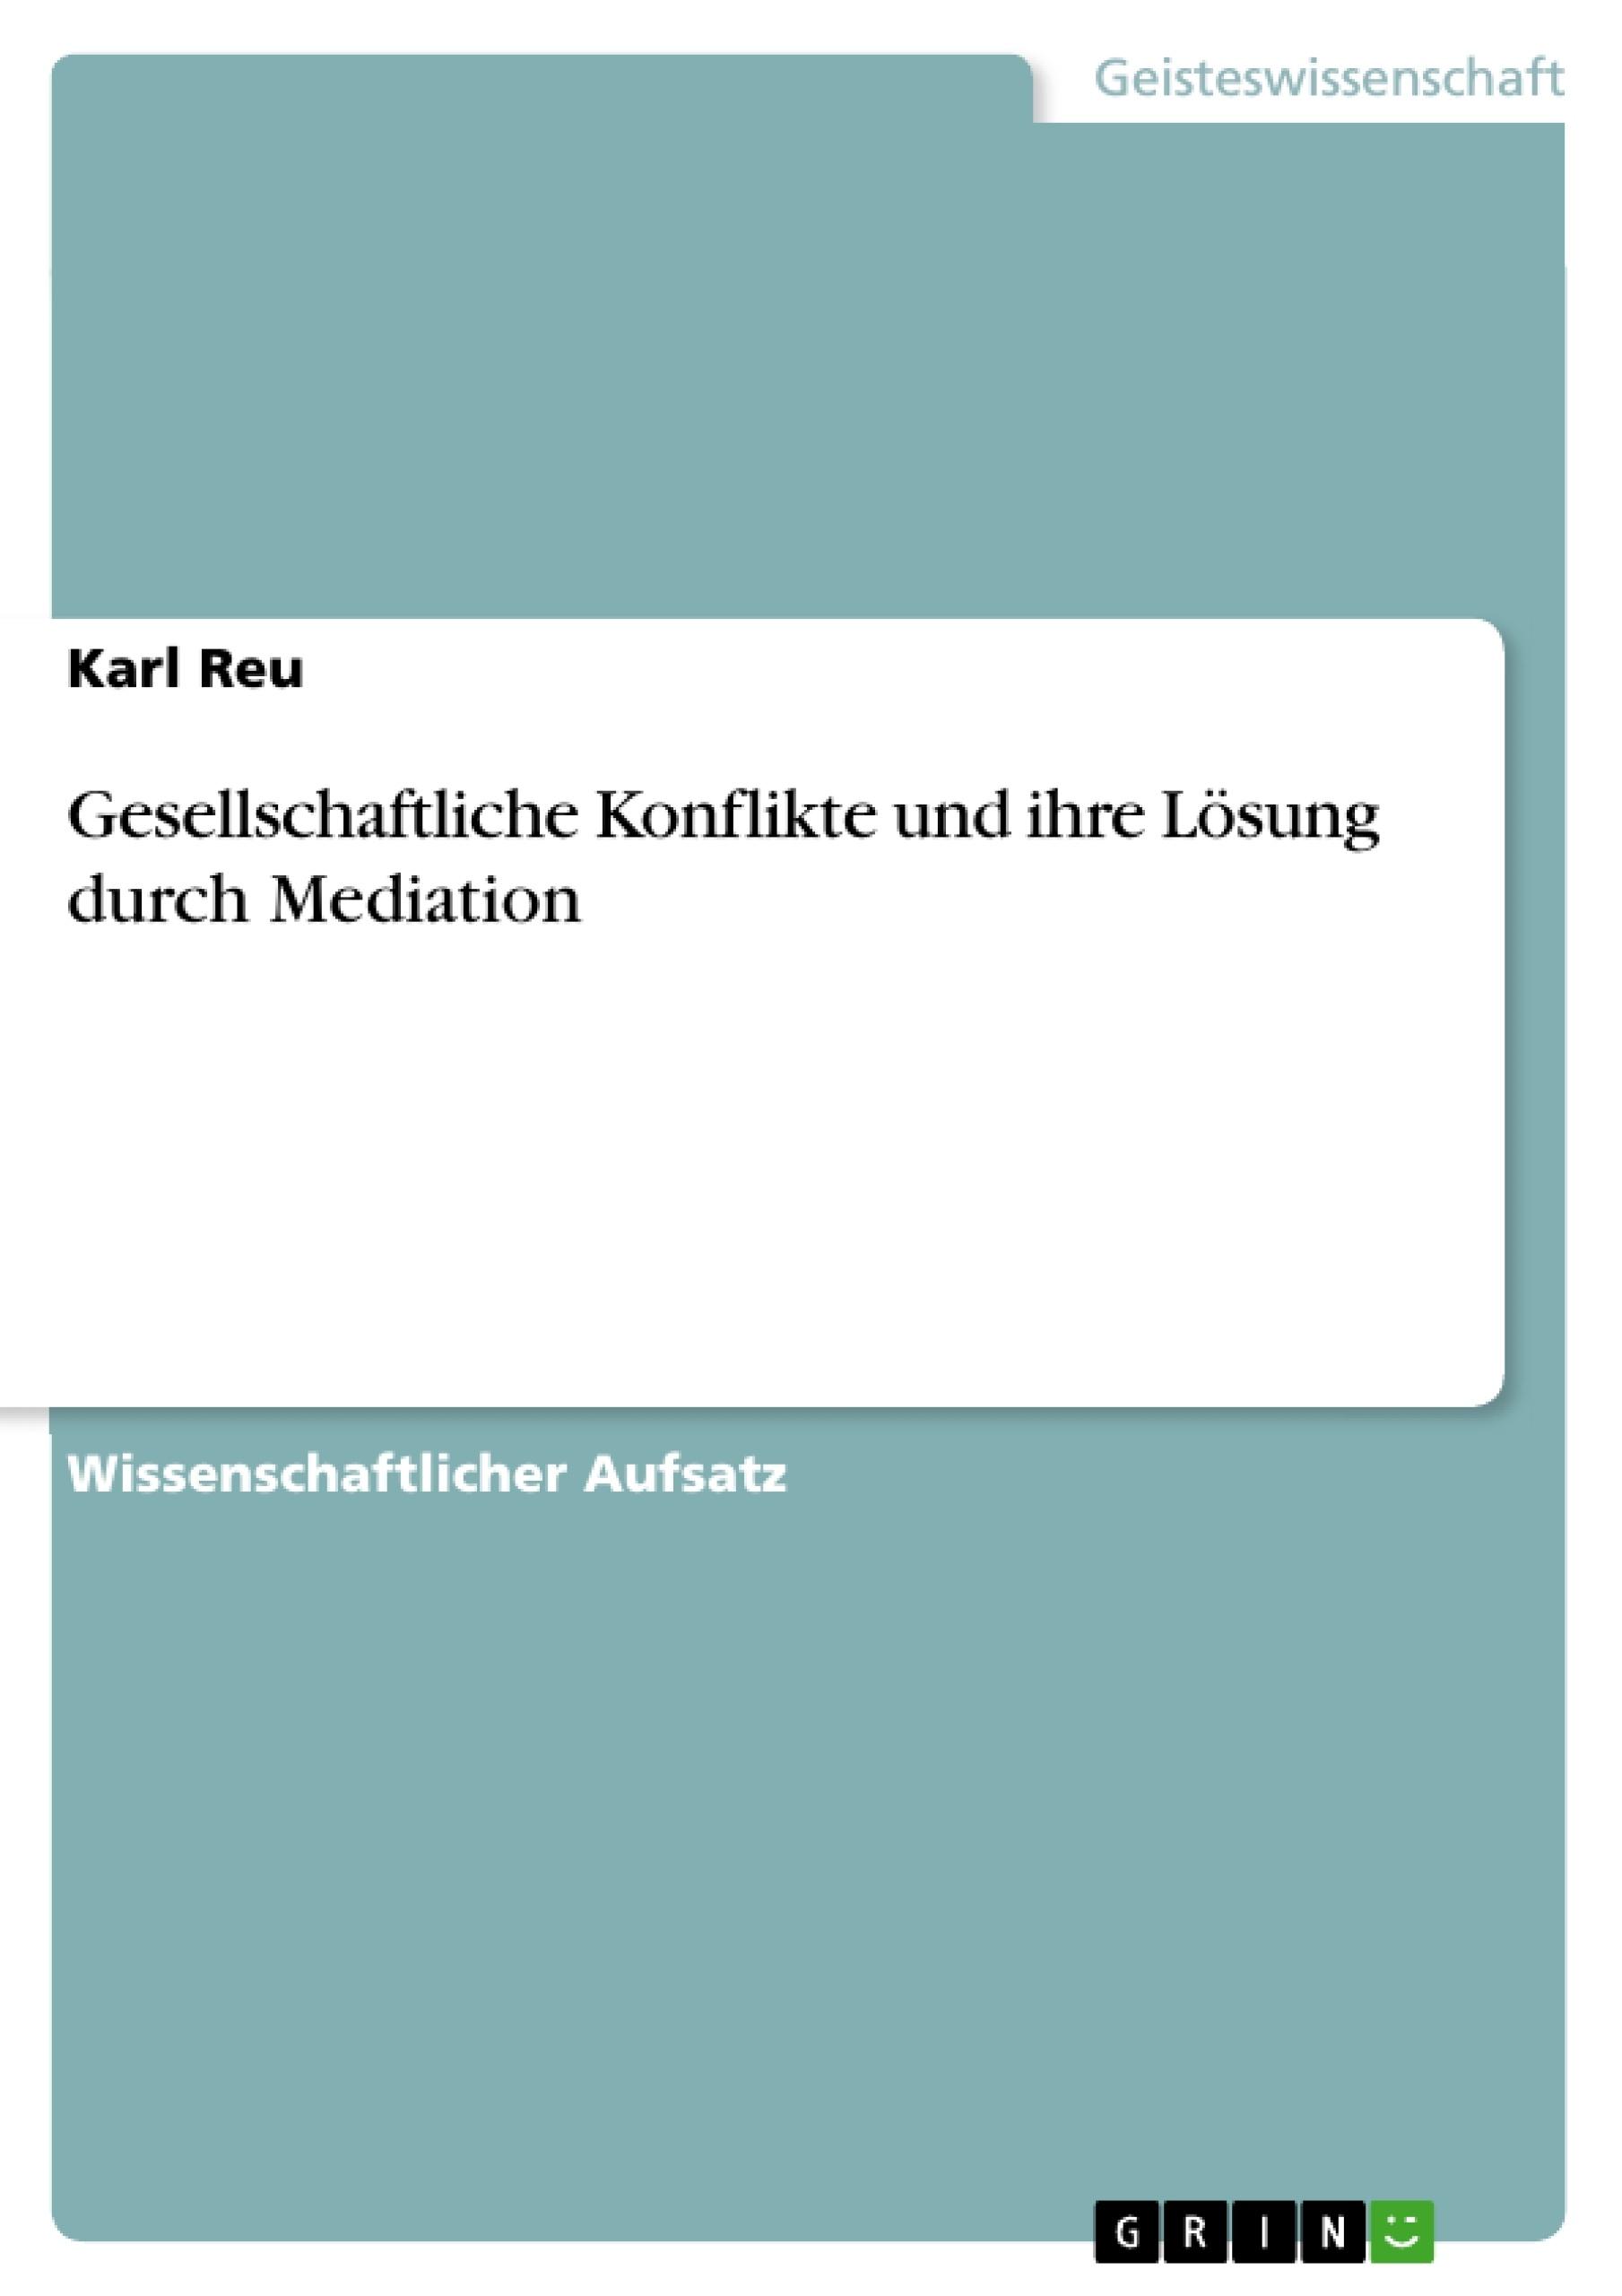 Titel: Gesellschaftliche Konflikte und ihre Lösung durch Mediation